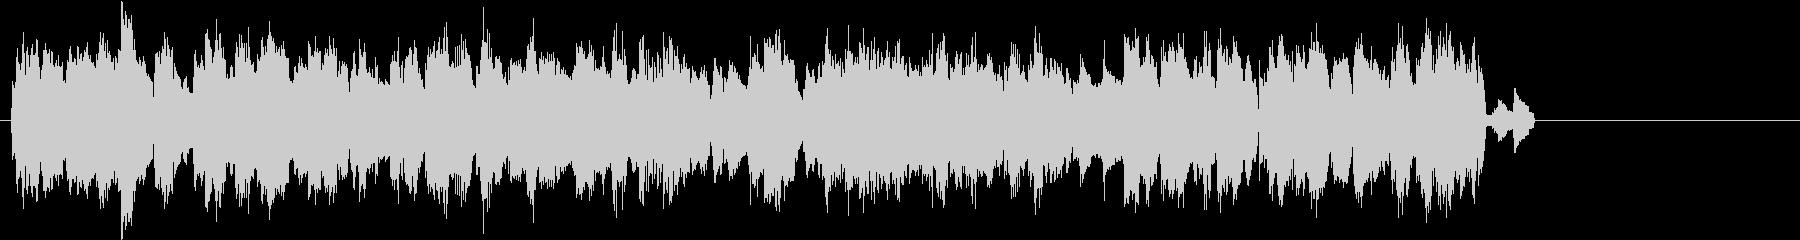 パソコンでネットワーク通信をしている音の未再生の波形